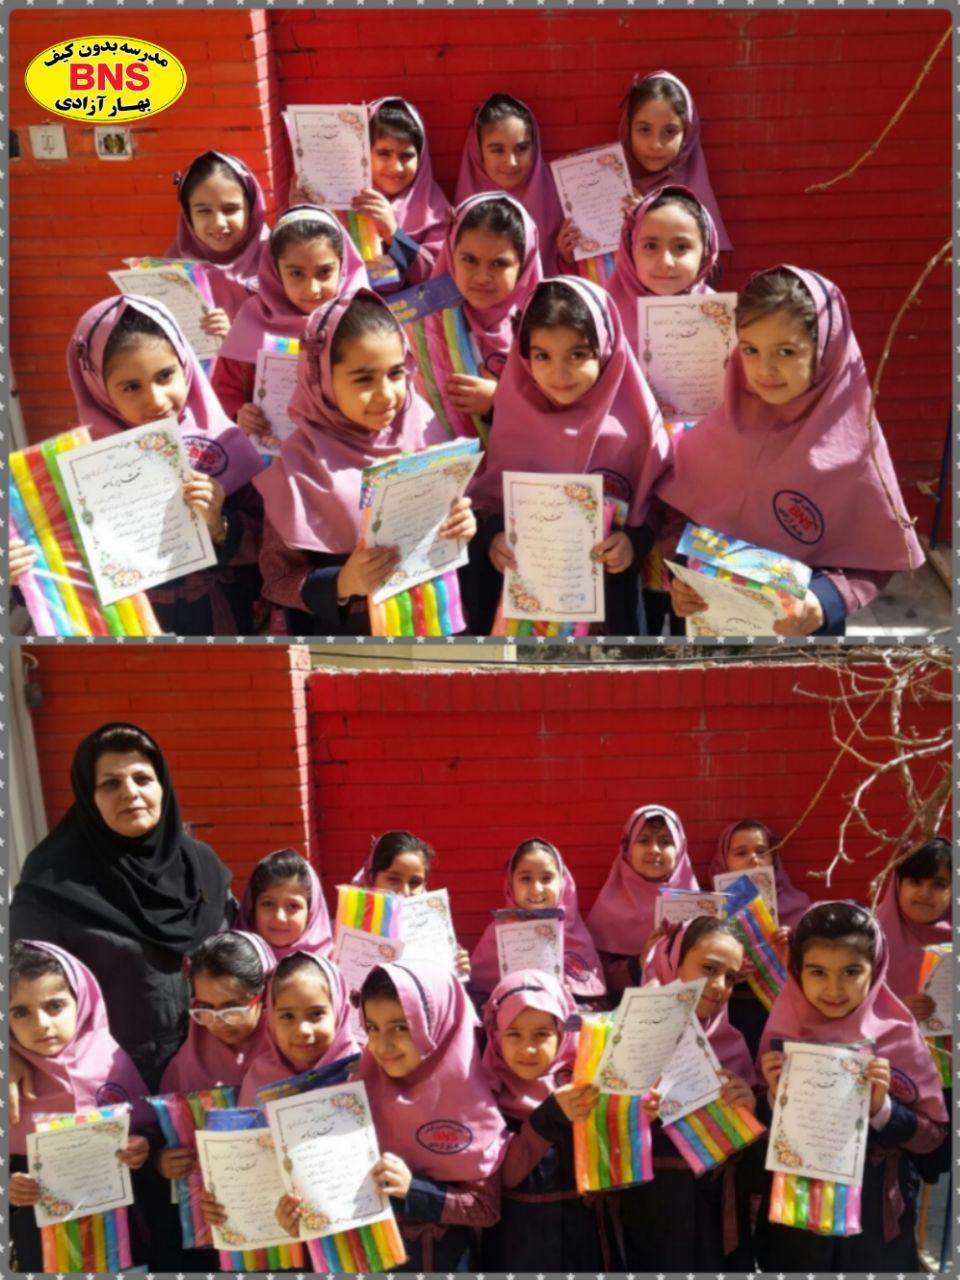 danesh amozan momtaz4 - جشن و اهدای جوایز به دختران ممتاز بهار آزادی